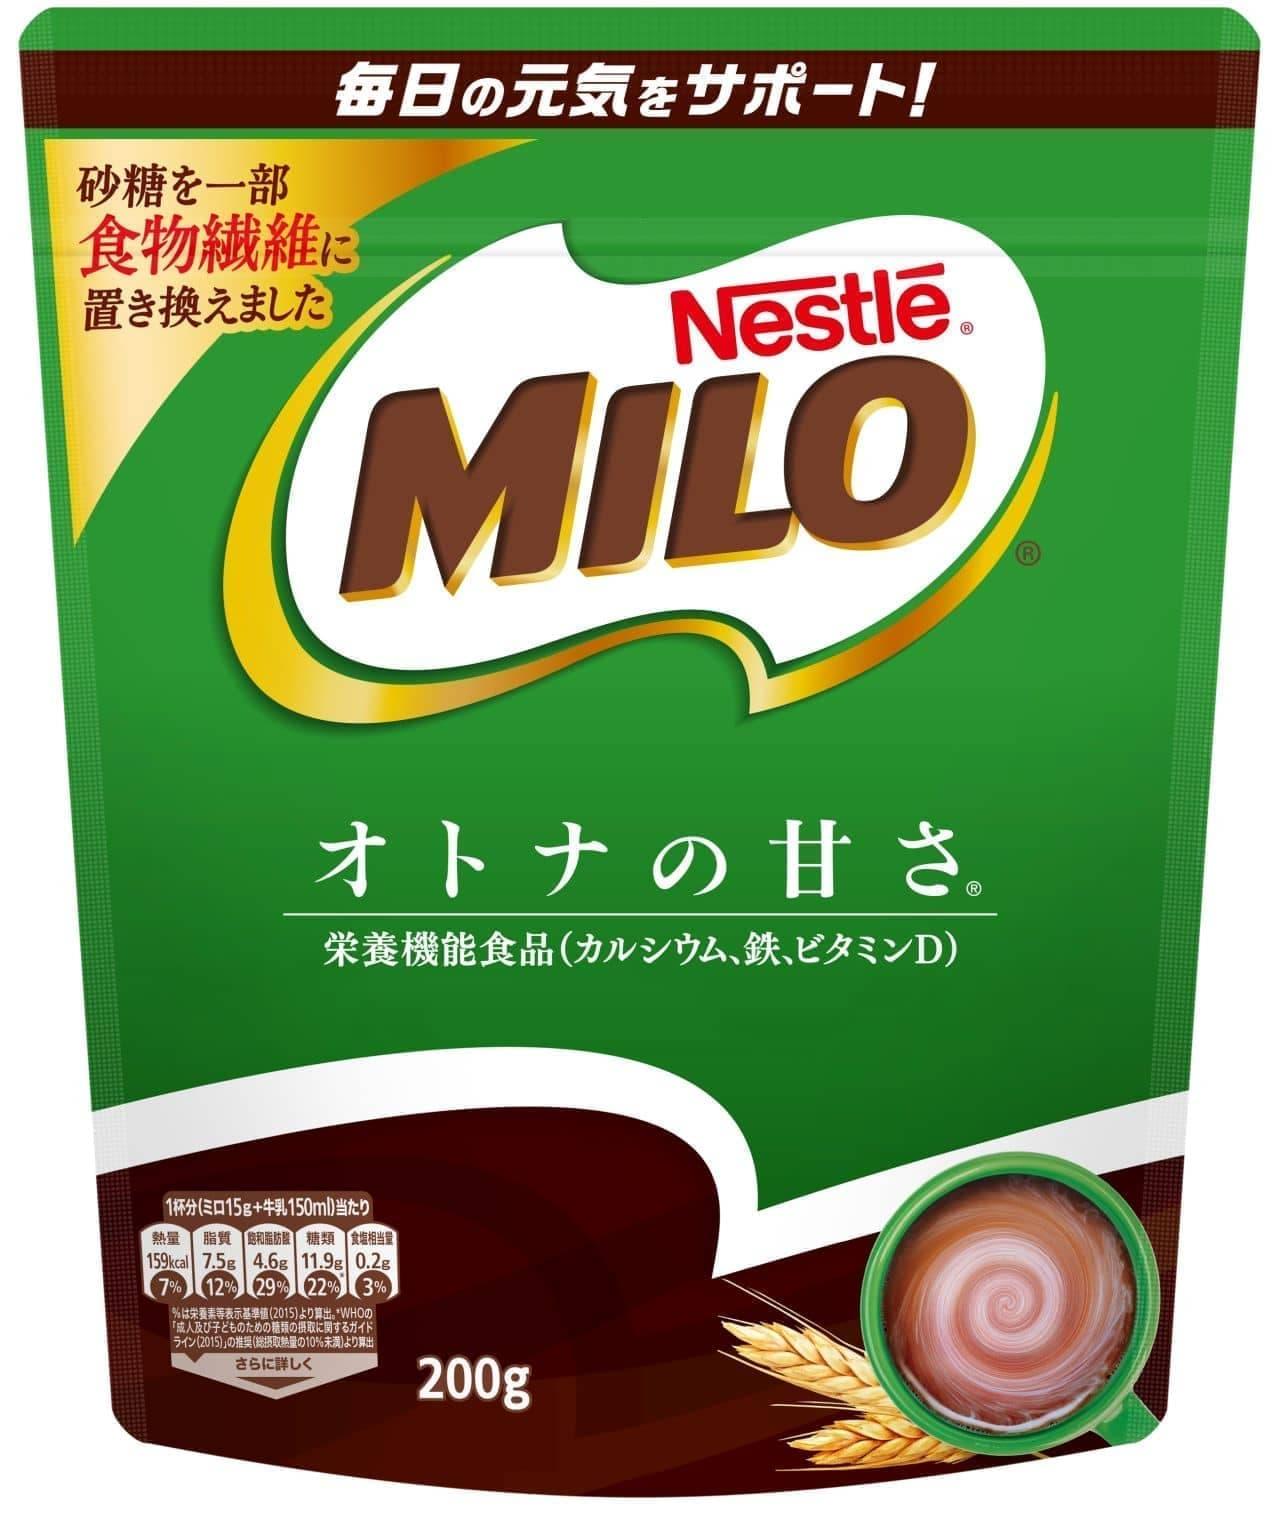 ネスレ日本「ネスレ ミロ オトナの甘さ 200g」